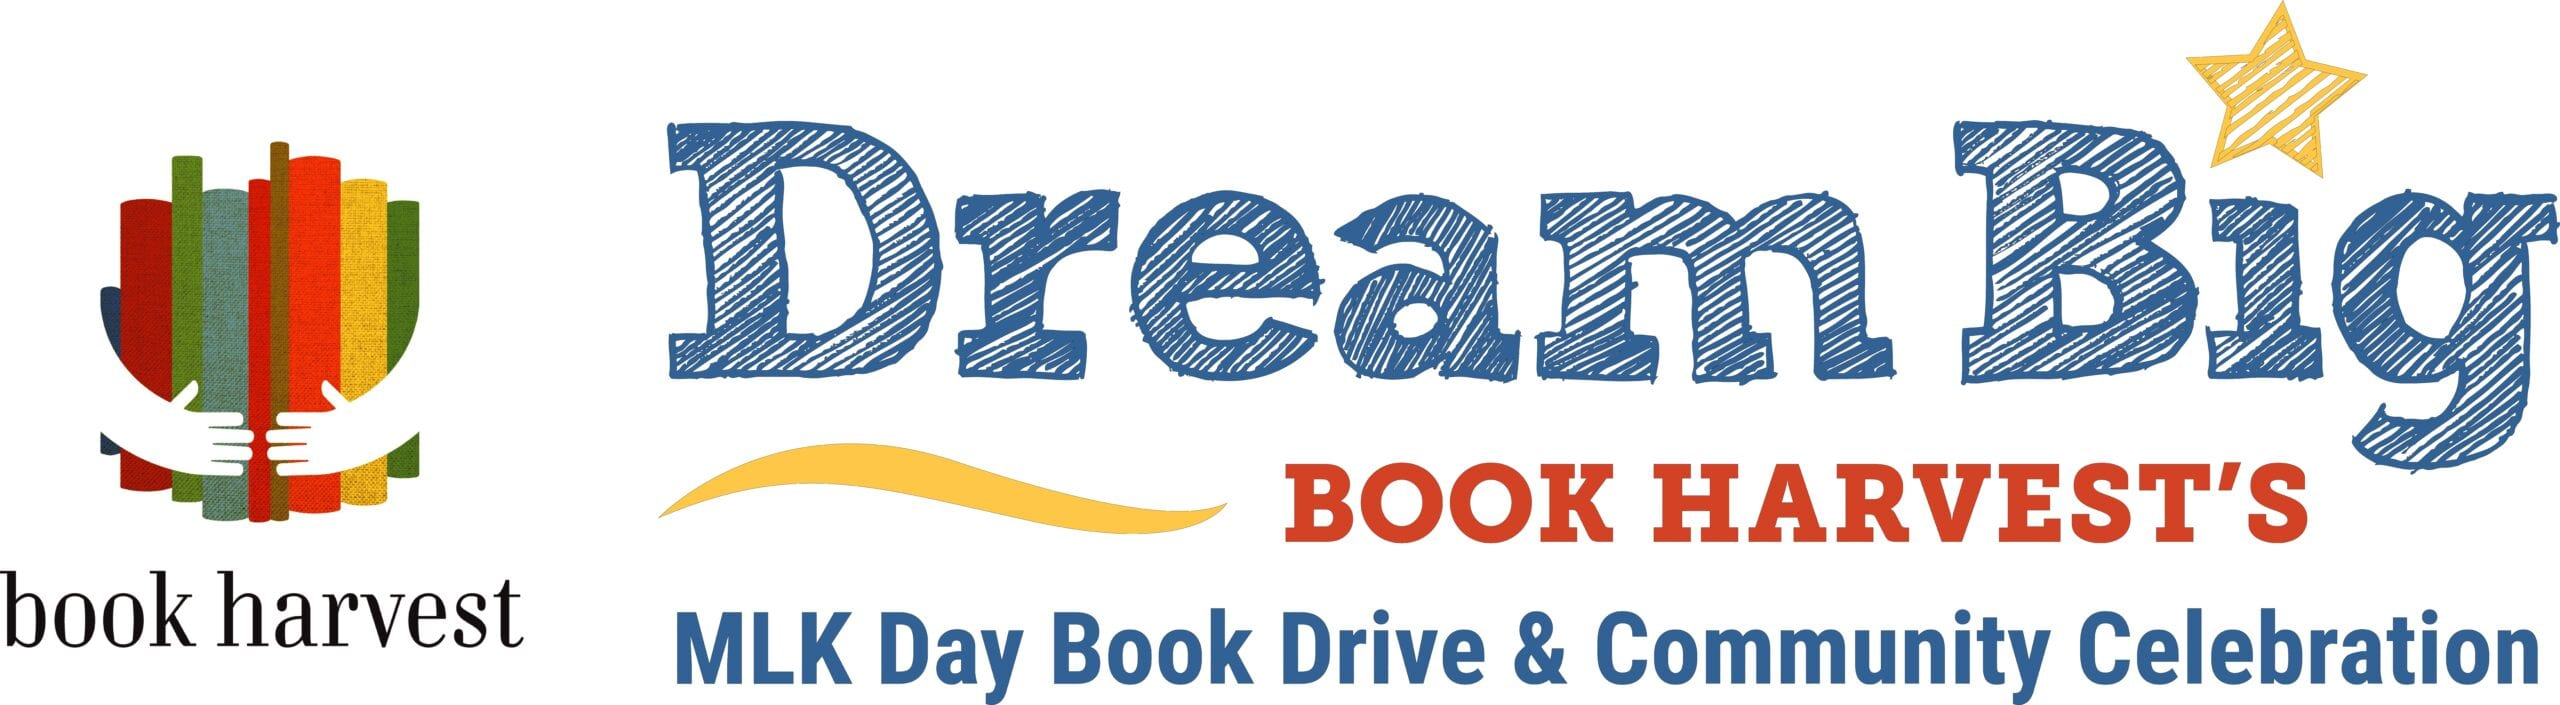 dream-big-logo-2022 RGB